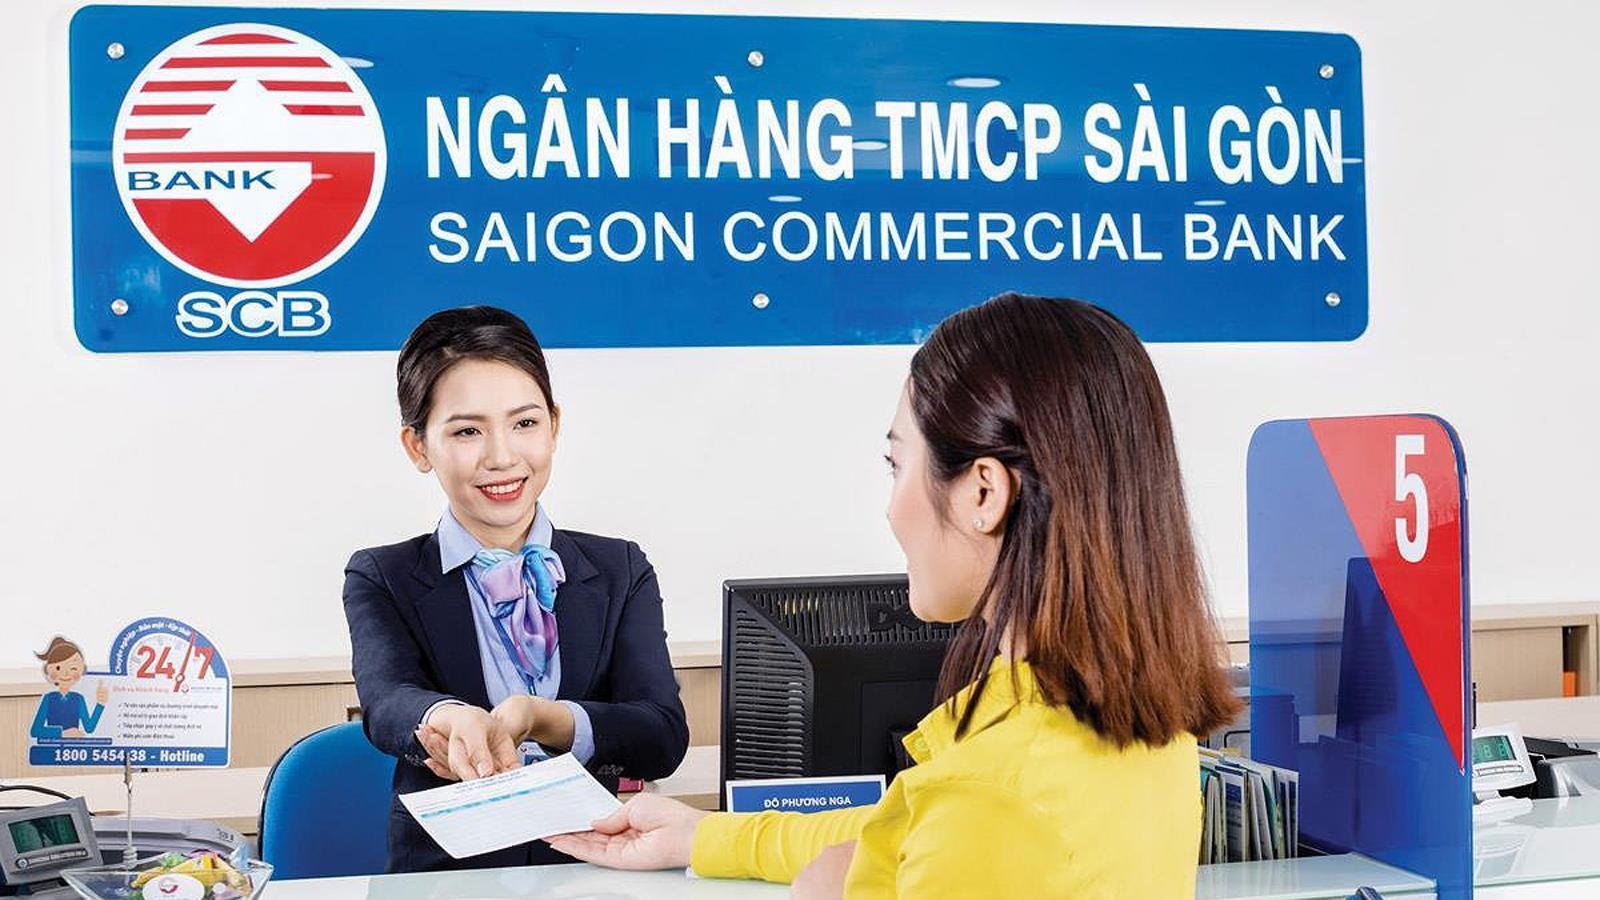 Lãi suất ngân hàng SCB tháng 1/2021 duy trì mức cao nhất 7,6%/năm - Ảnh 1.